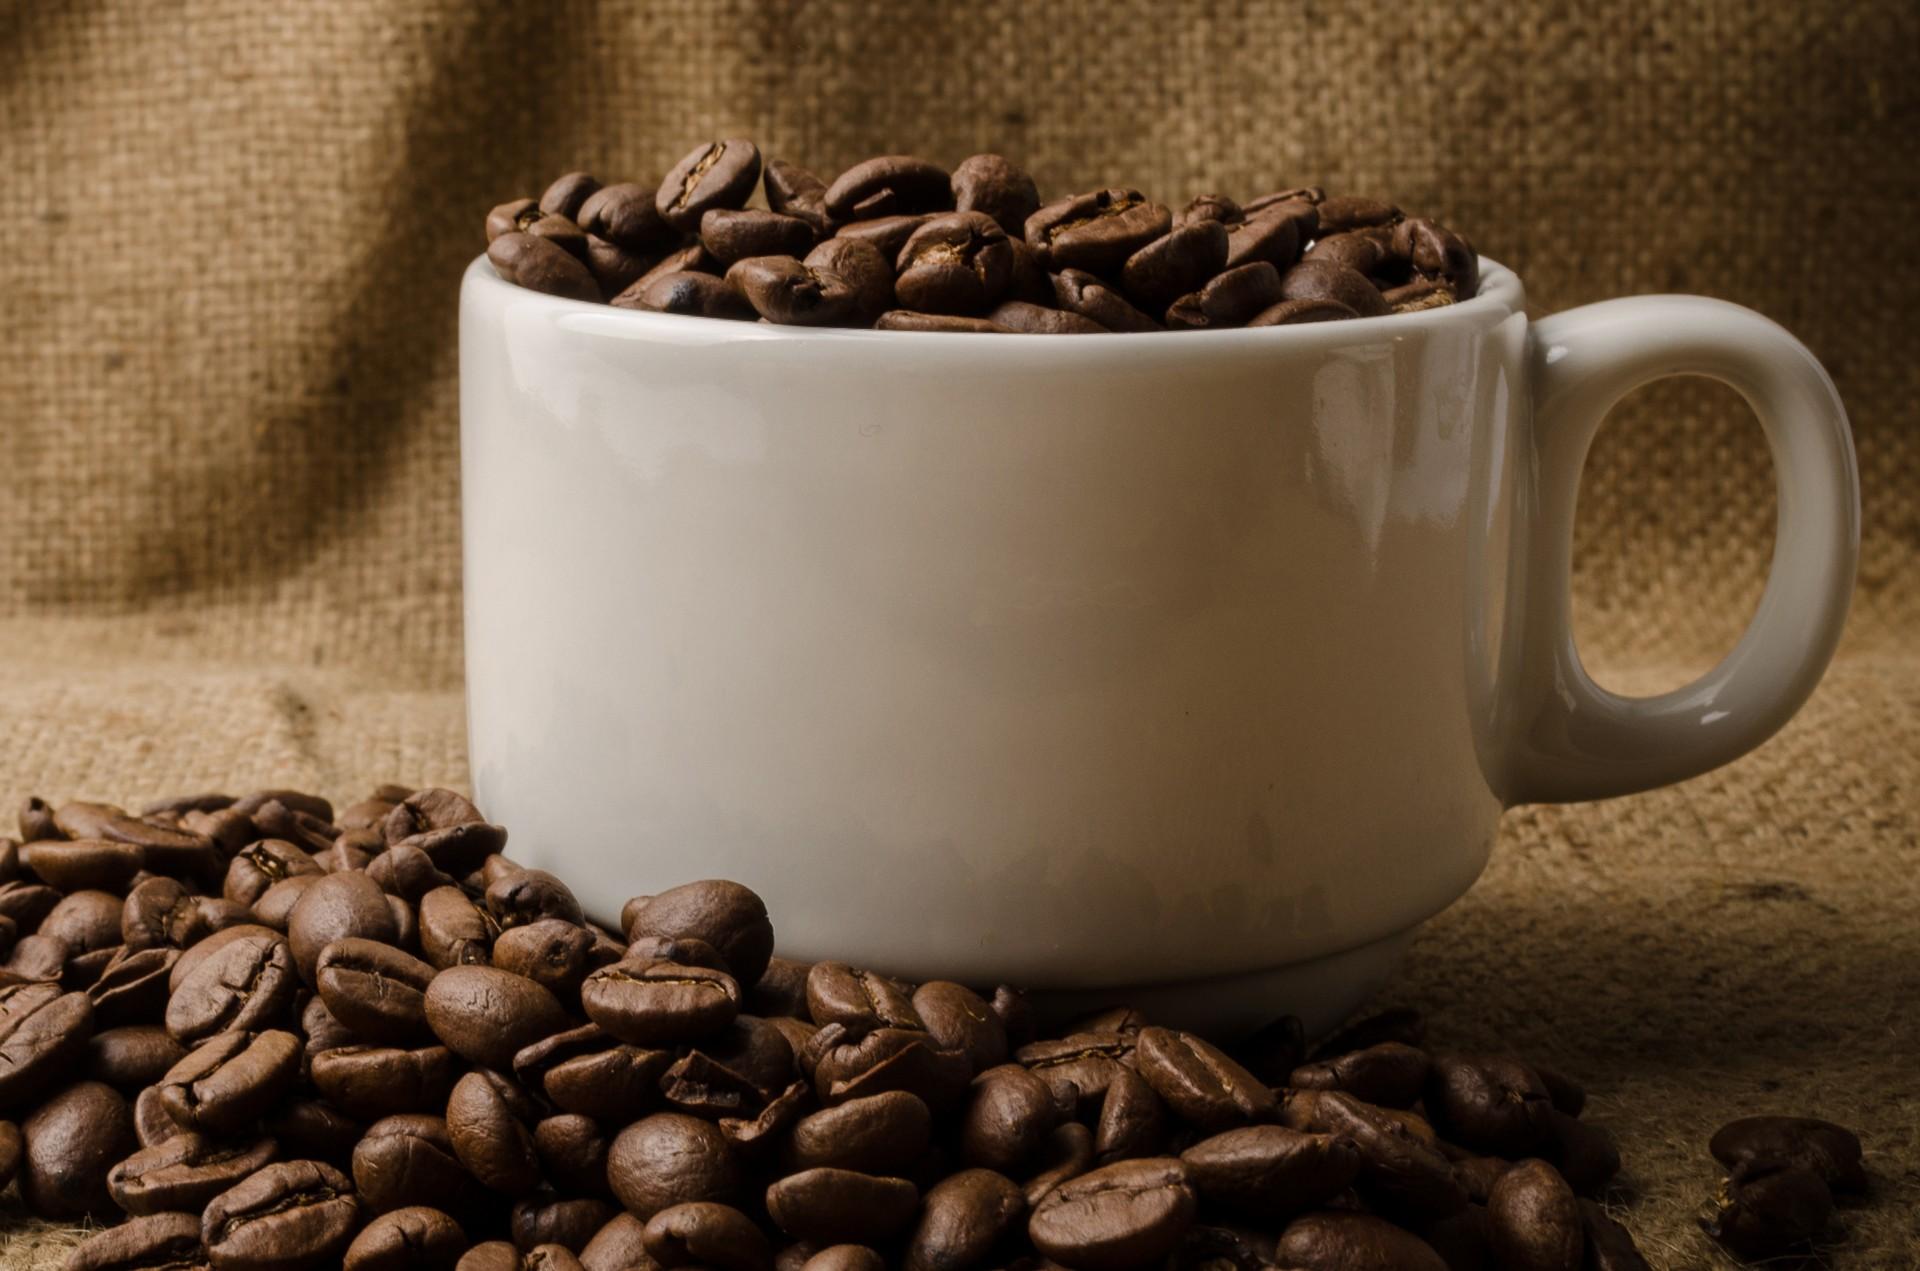 倫敦的科學家表示,氣候暖化將限縮適宜種植咖啡的土地面積,使咖啡口味變苦澀、沖泡價格更昂貴。(圖片來源:Public Domain Pict...